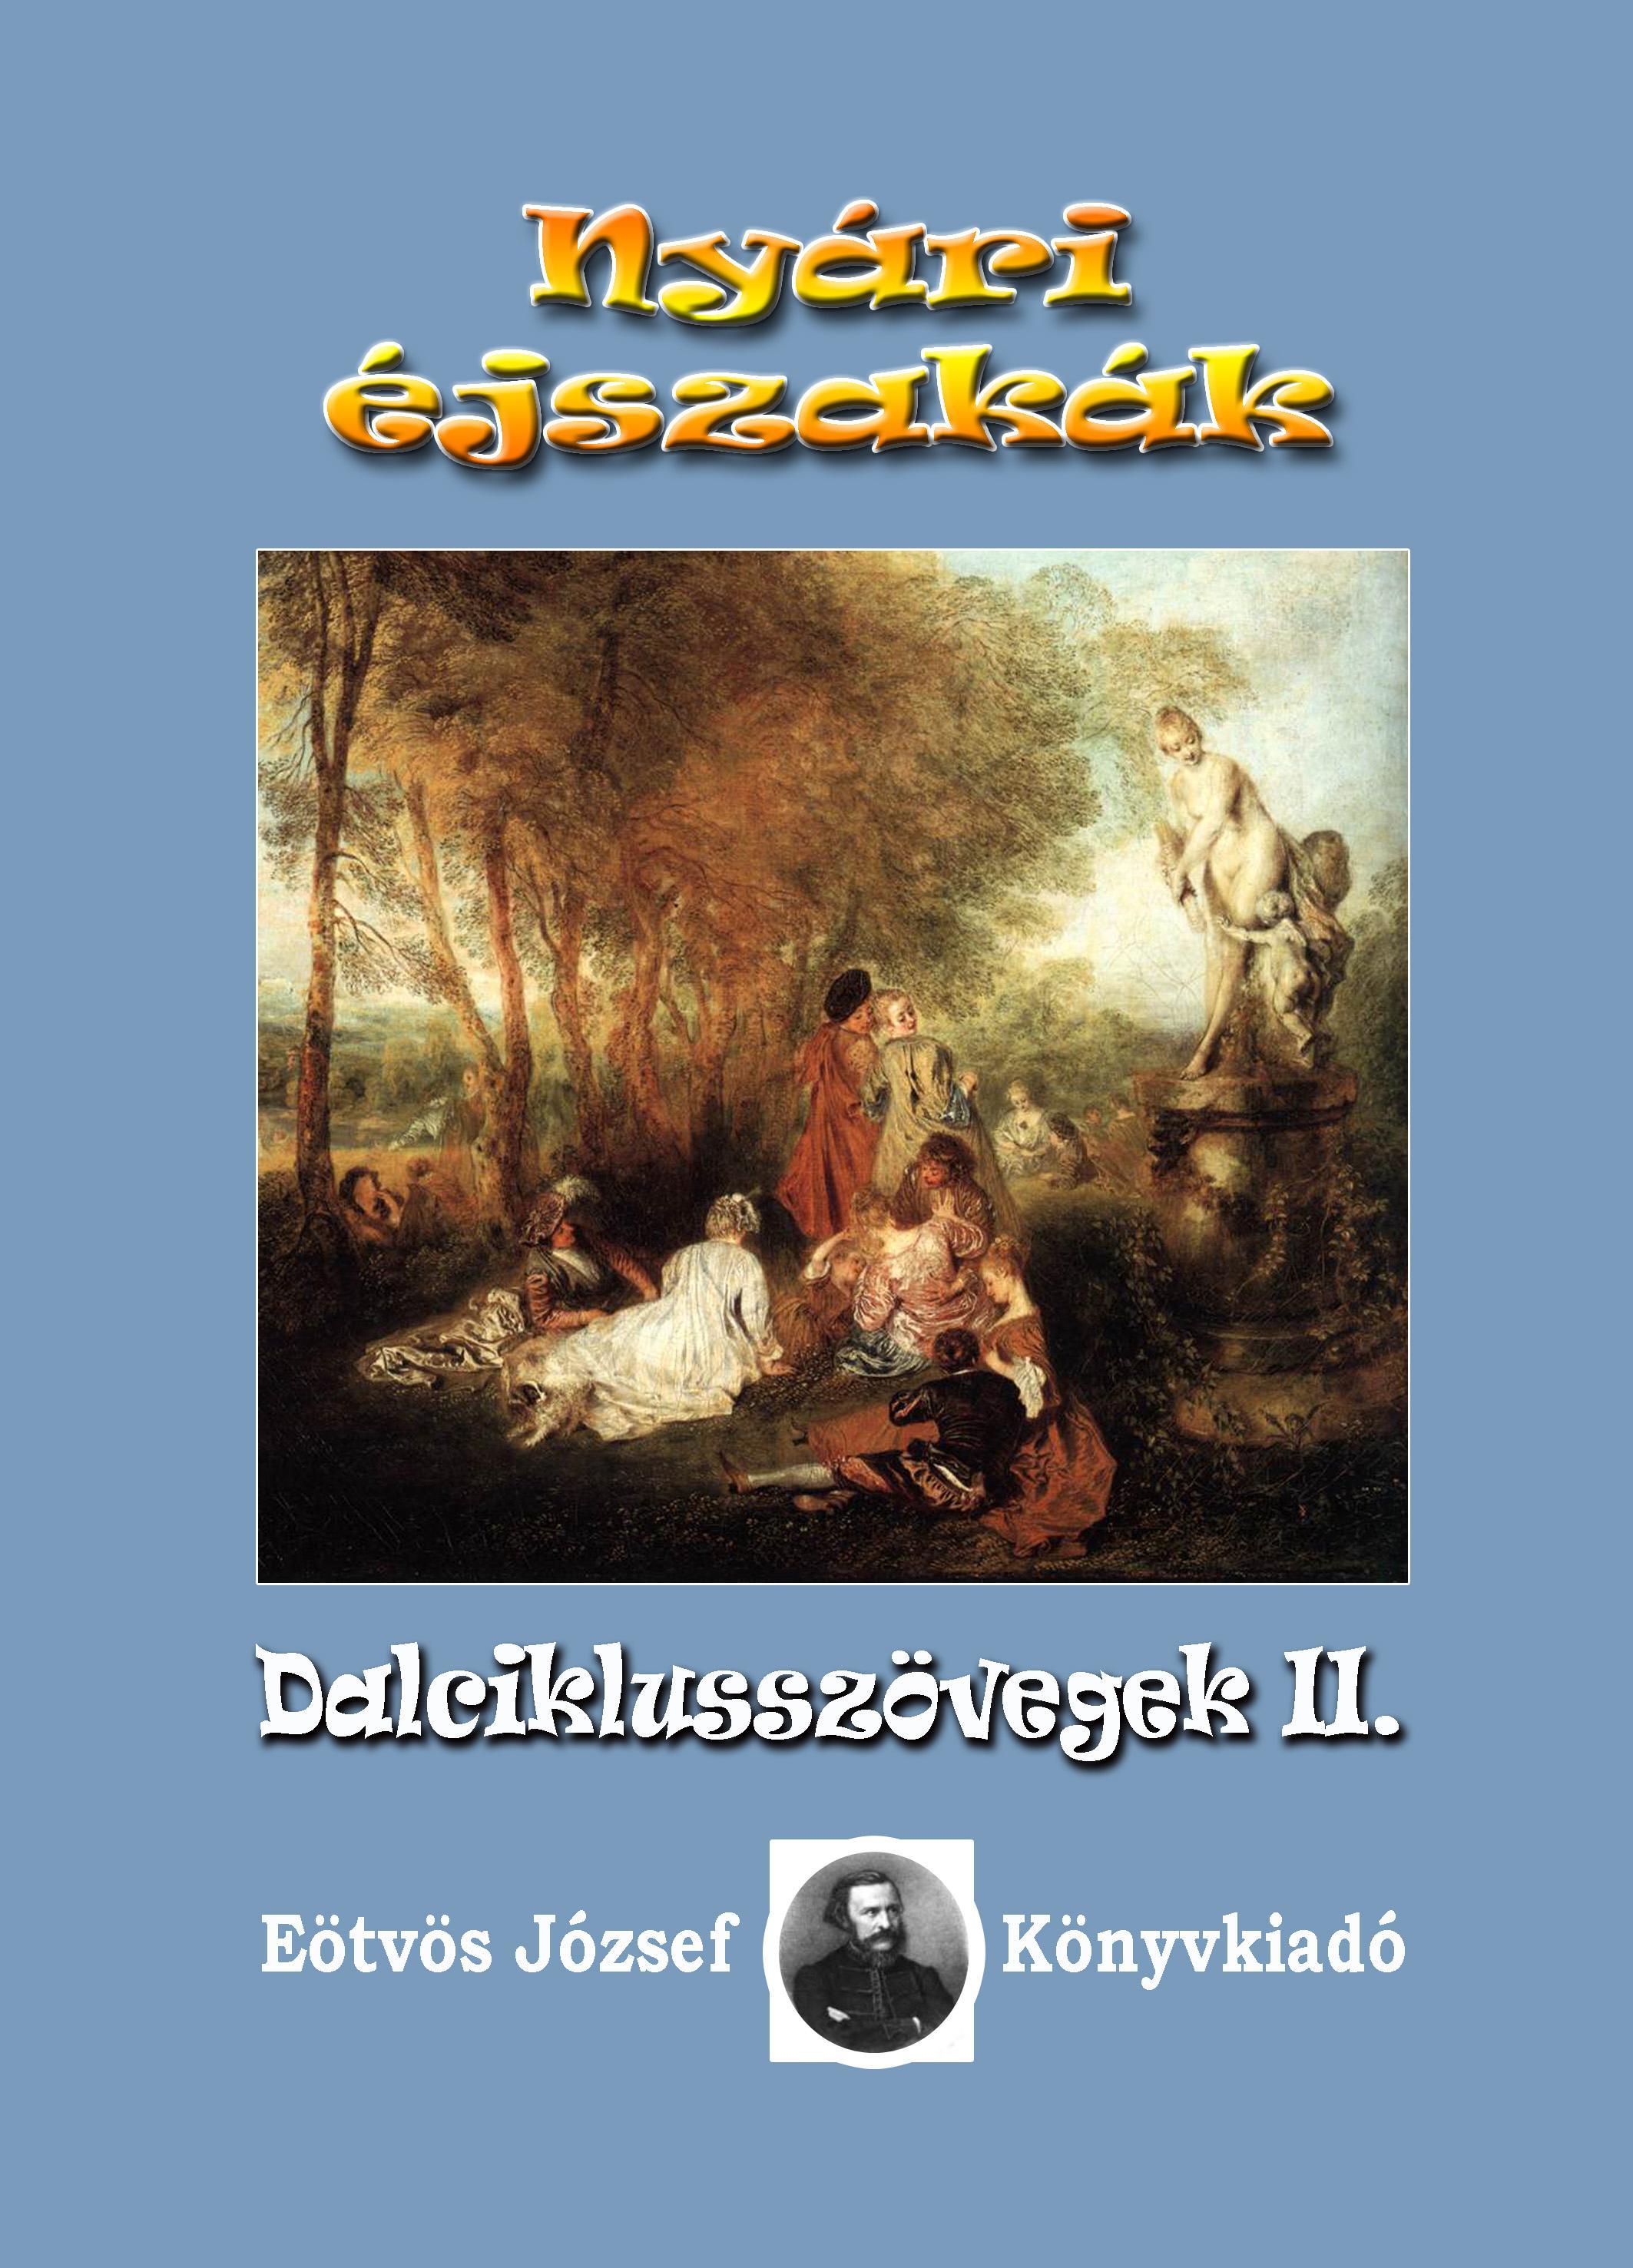 NYÁRI ÉJSZAKÁK - DALCIKLUSSZÖVEGEK II.